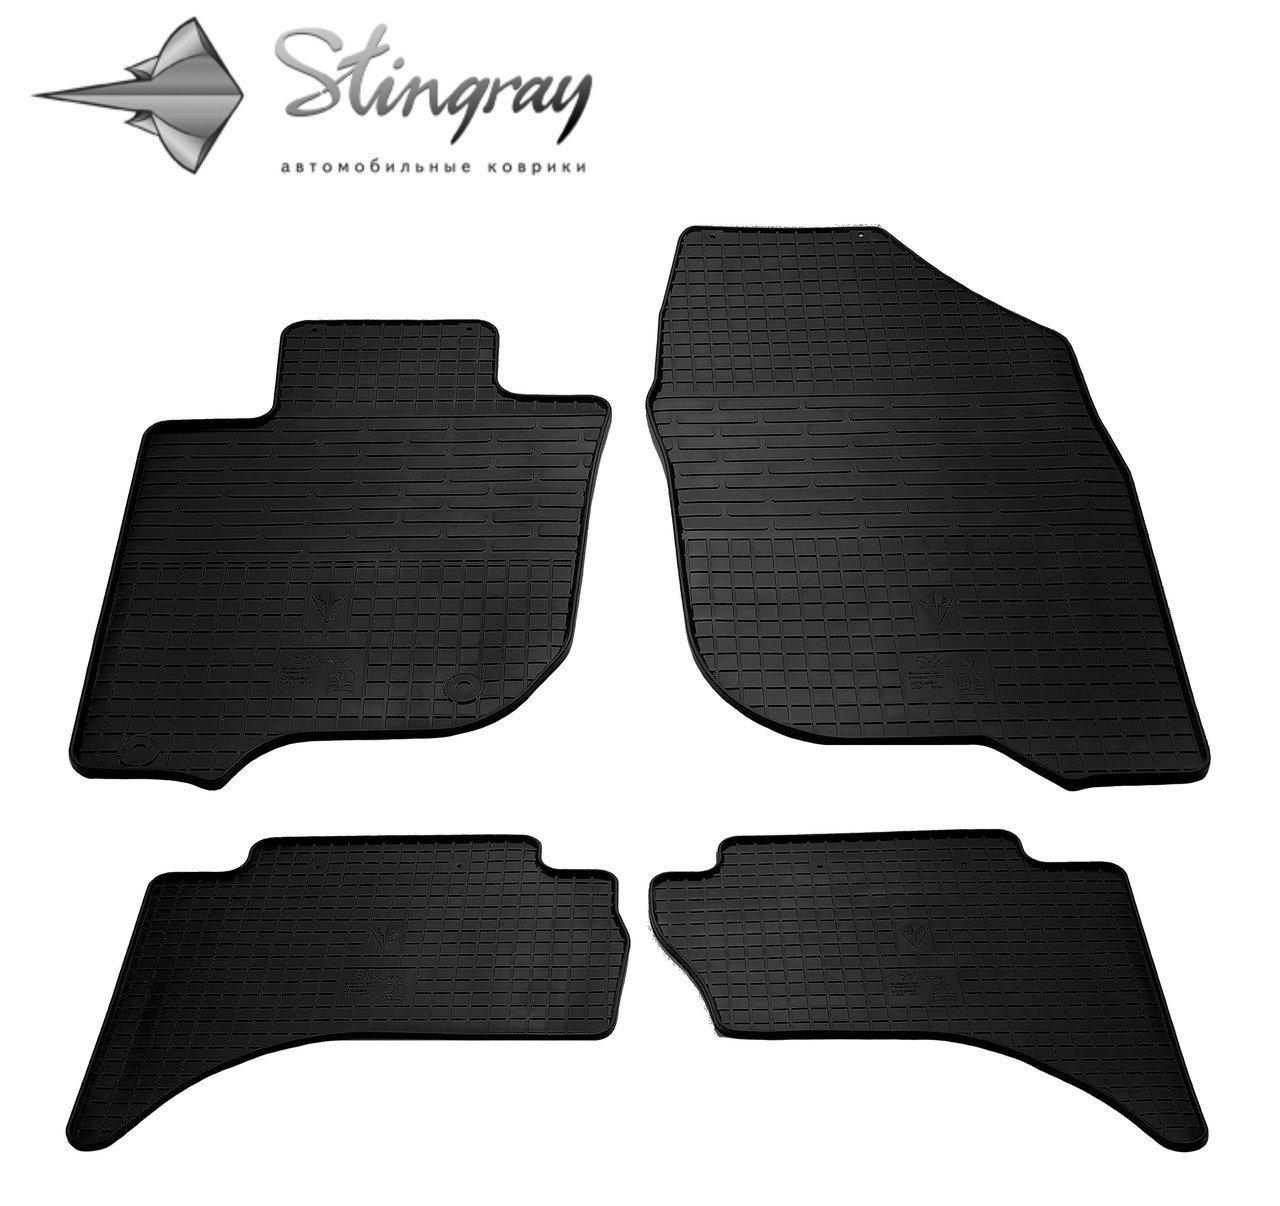 Автомобильные коврики Mitsubishi L200 2015- Stingray